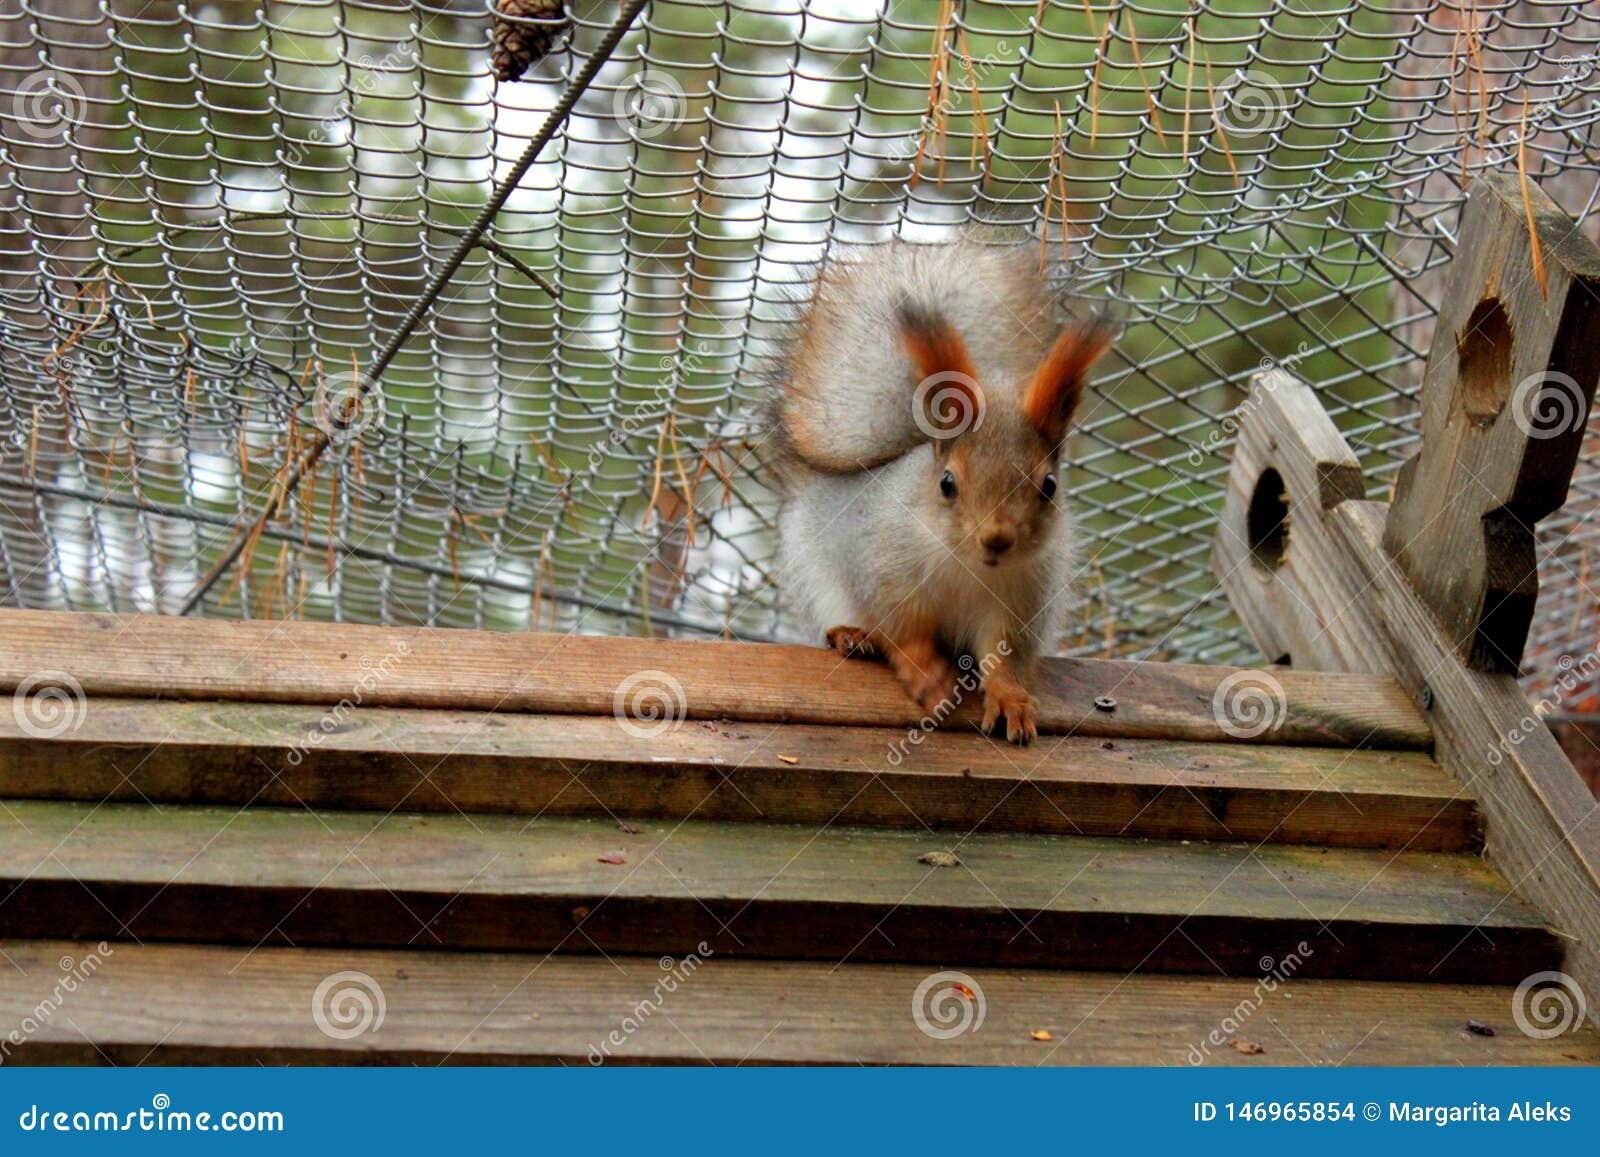 Eichhörnchen, das im Käfig sitzt